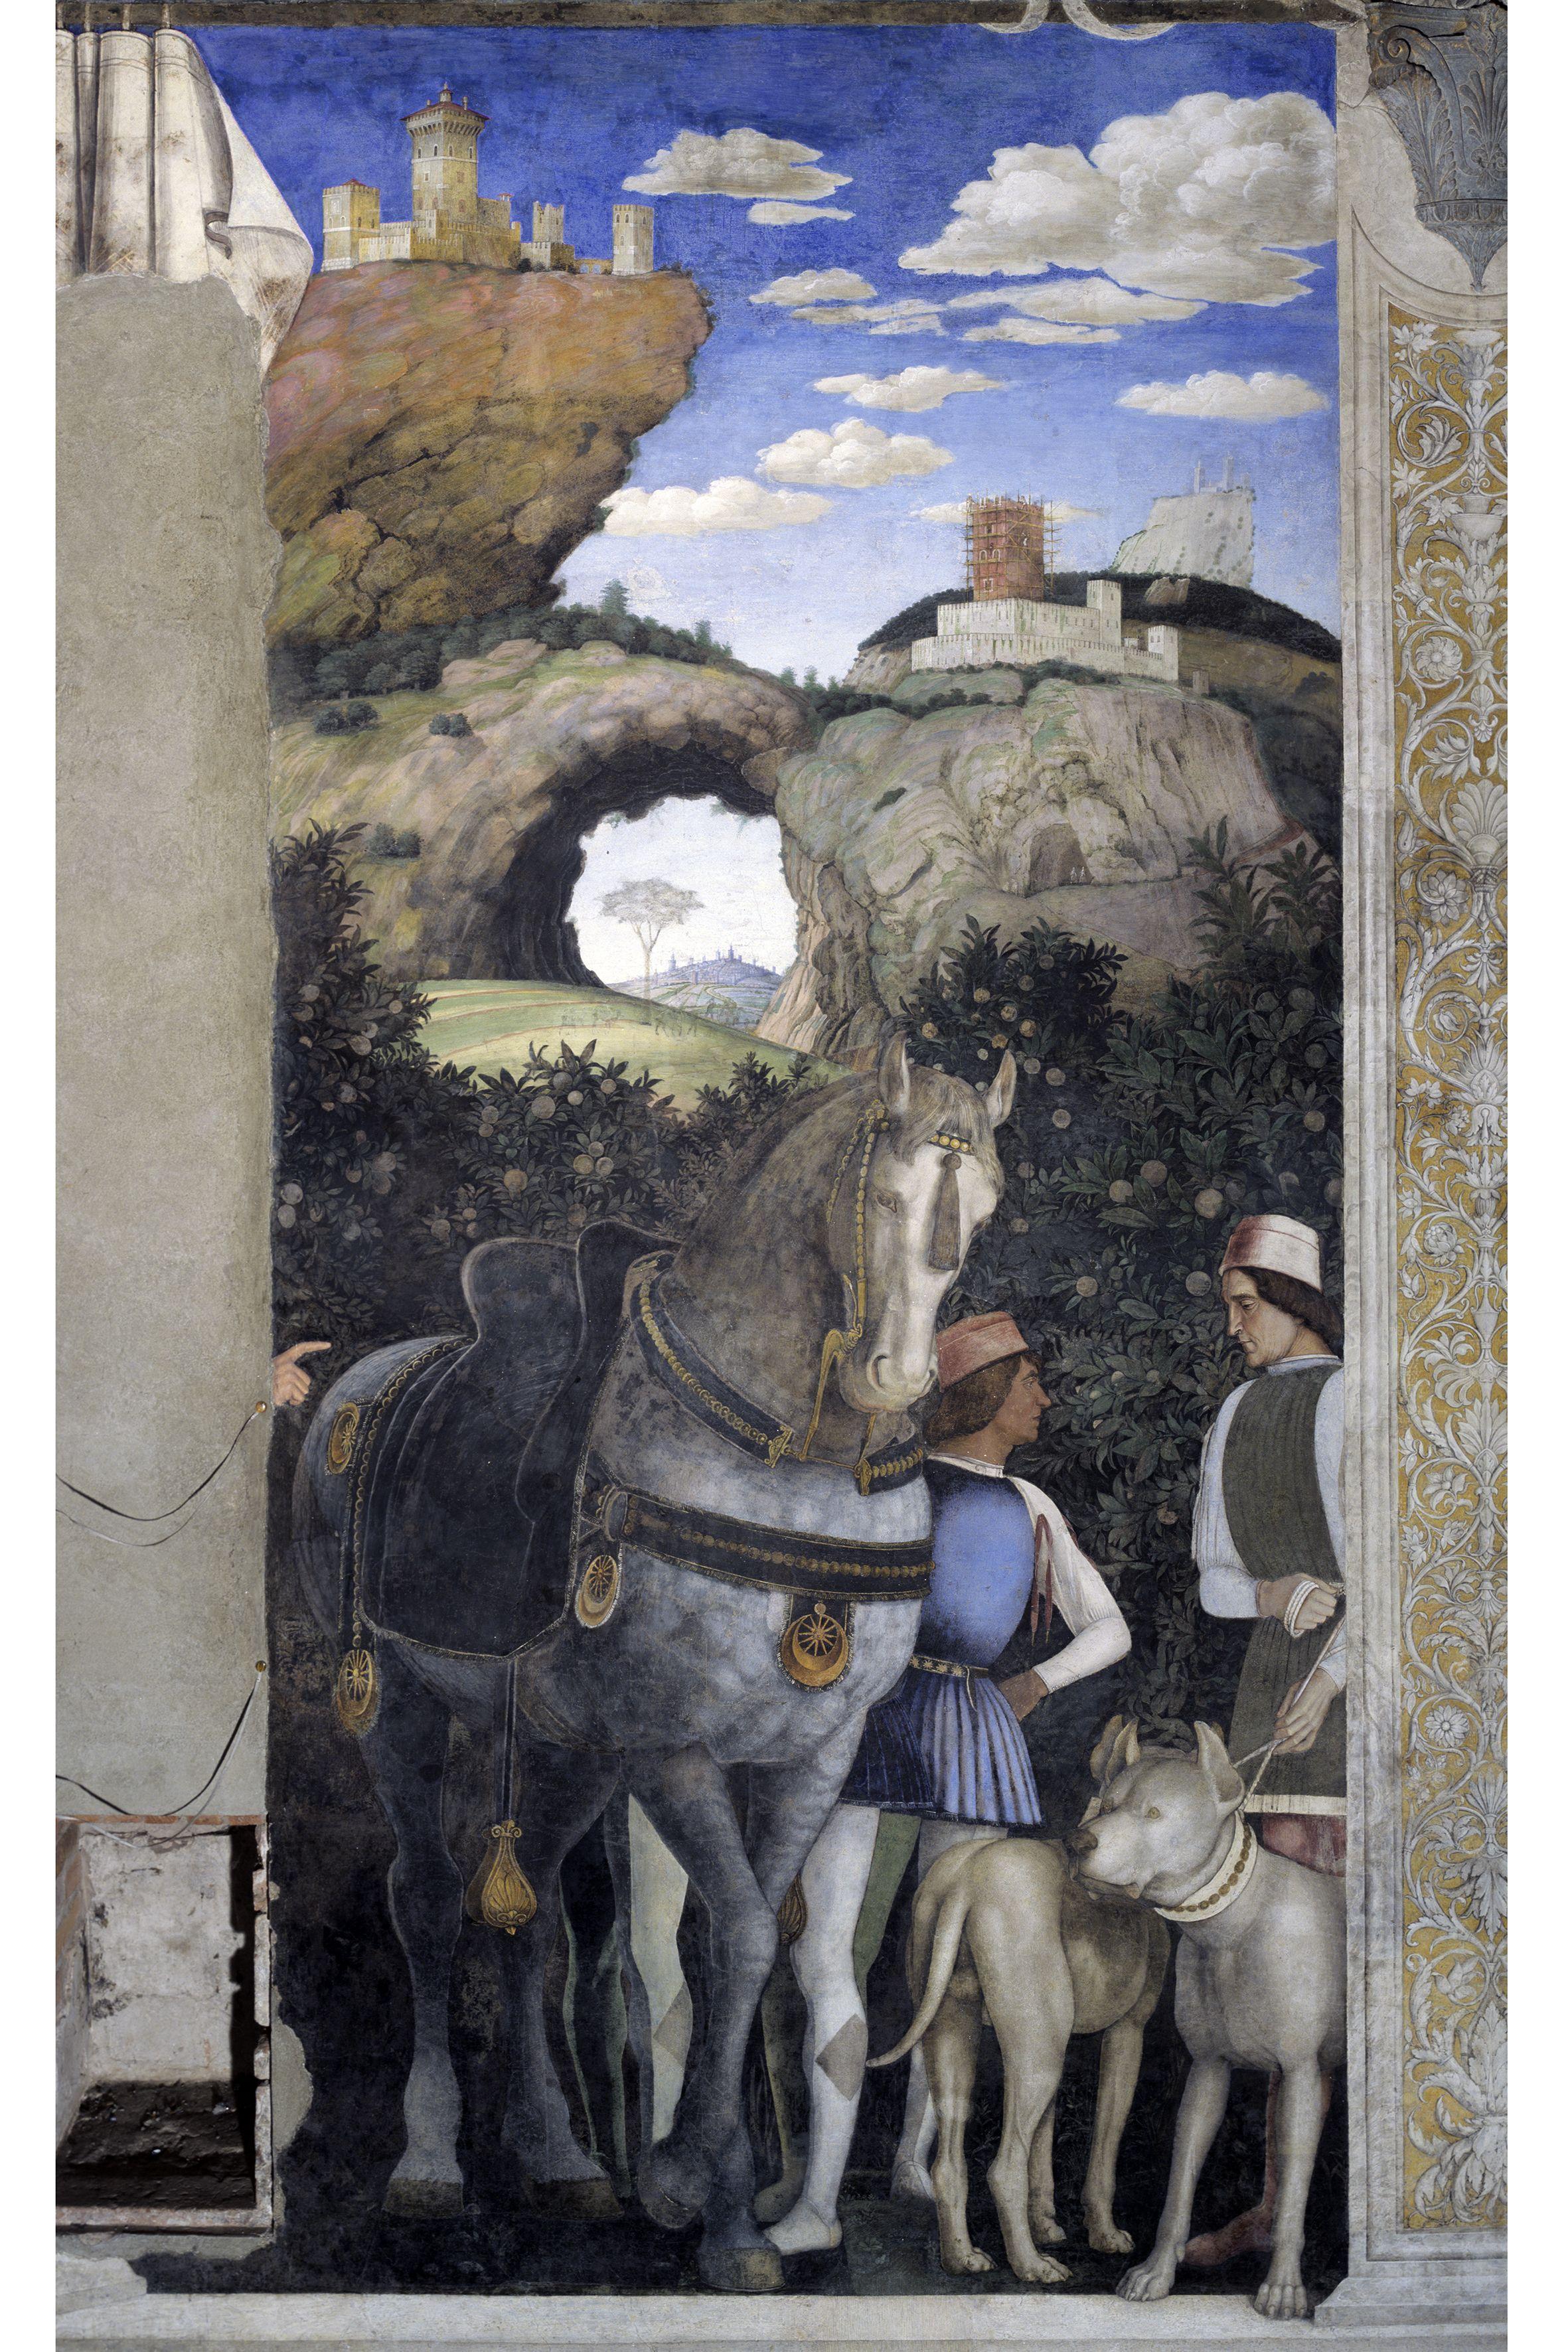 Palazzo ducale andrea mantegna camera degli sposi foto for Camera degli sposi immagini